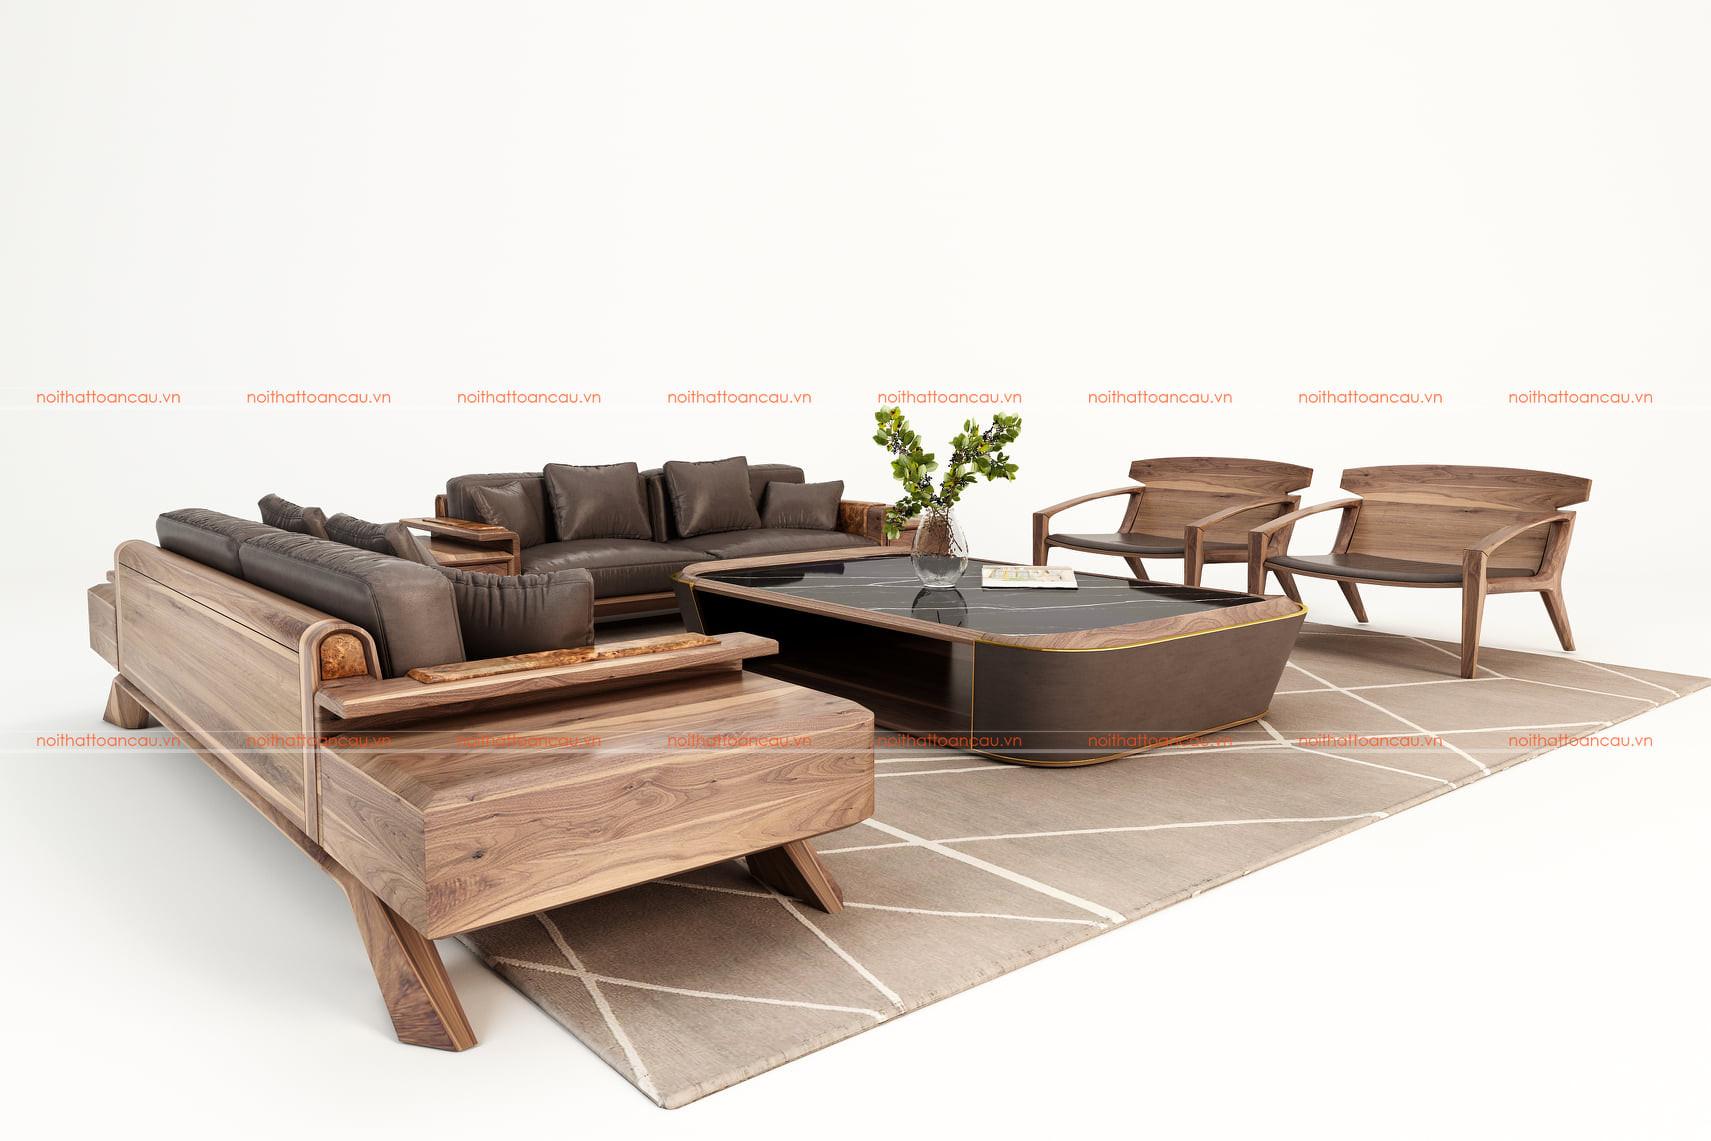 Sofa gỗ óc chó cho phòng khách 4